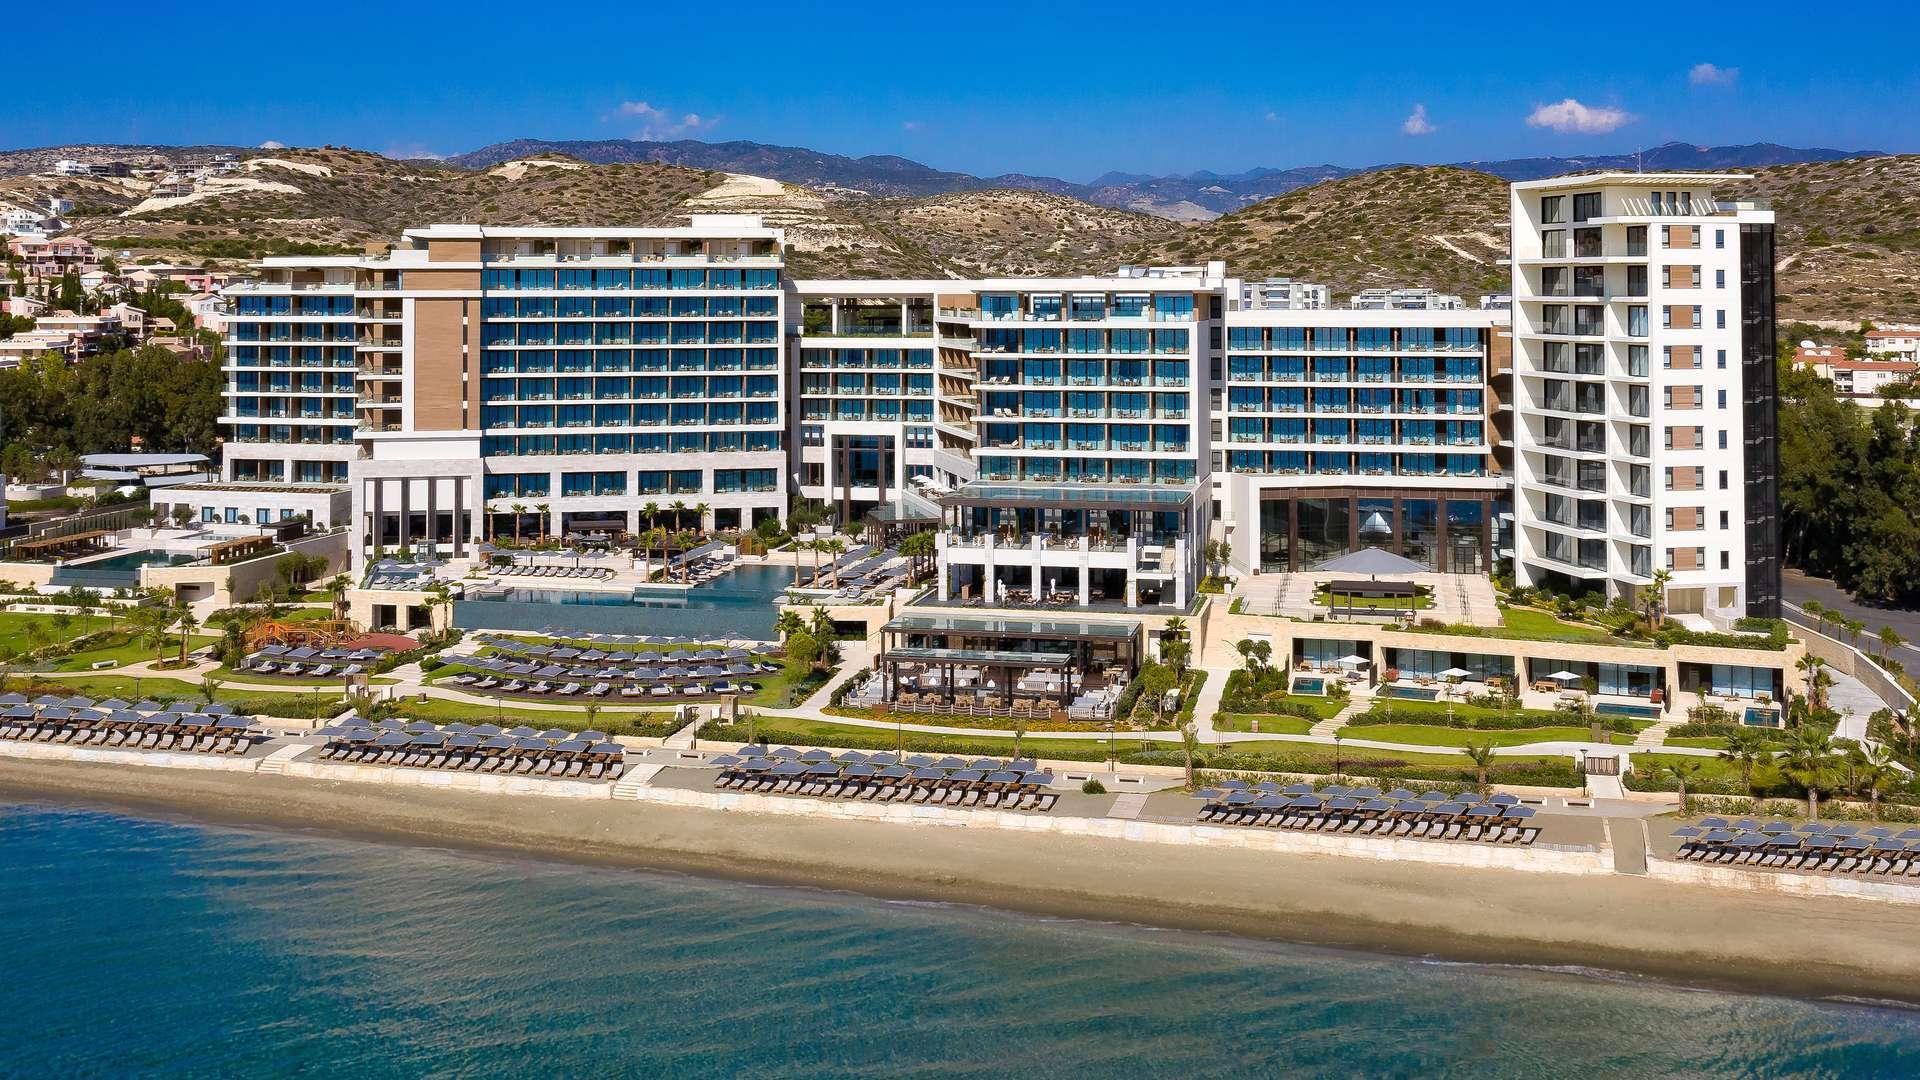 Bambrella Levante - The Amara Hotel